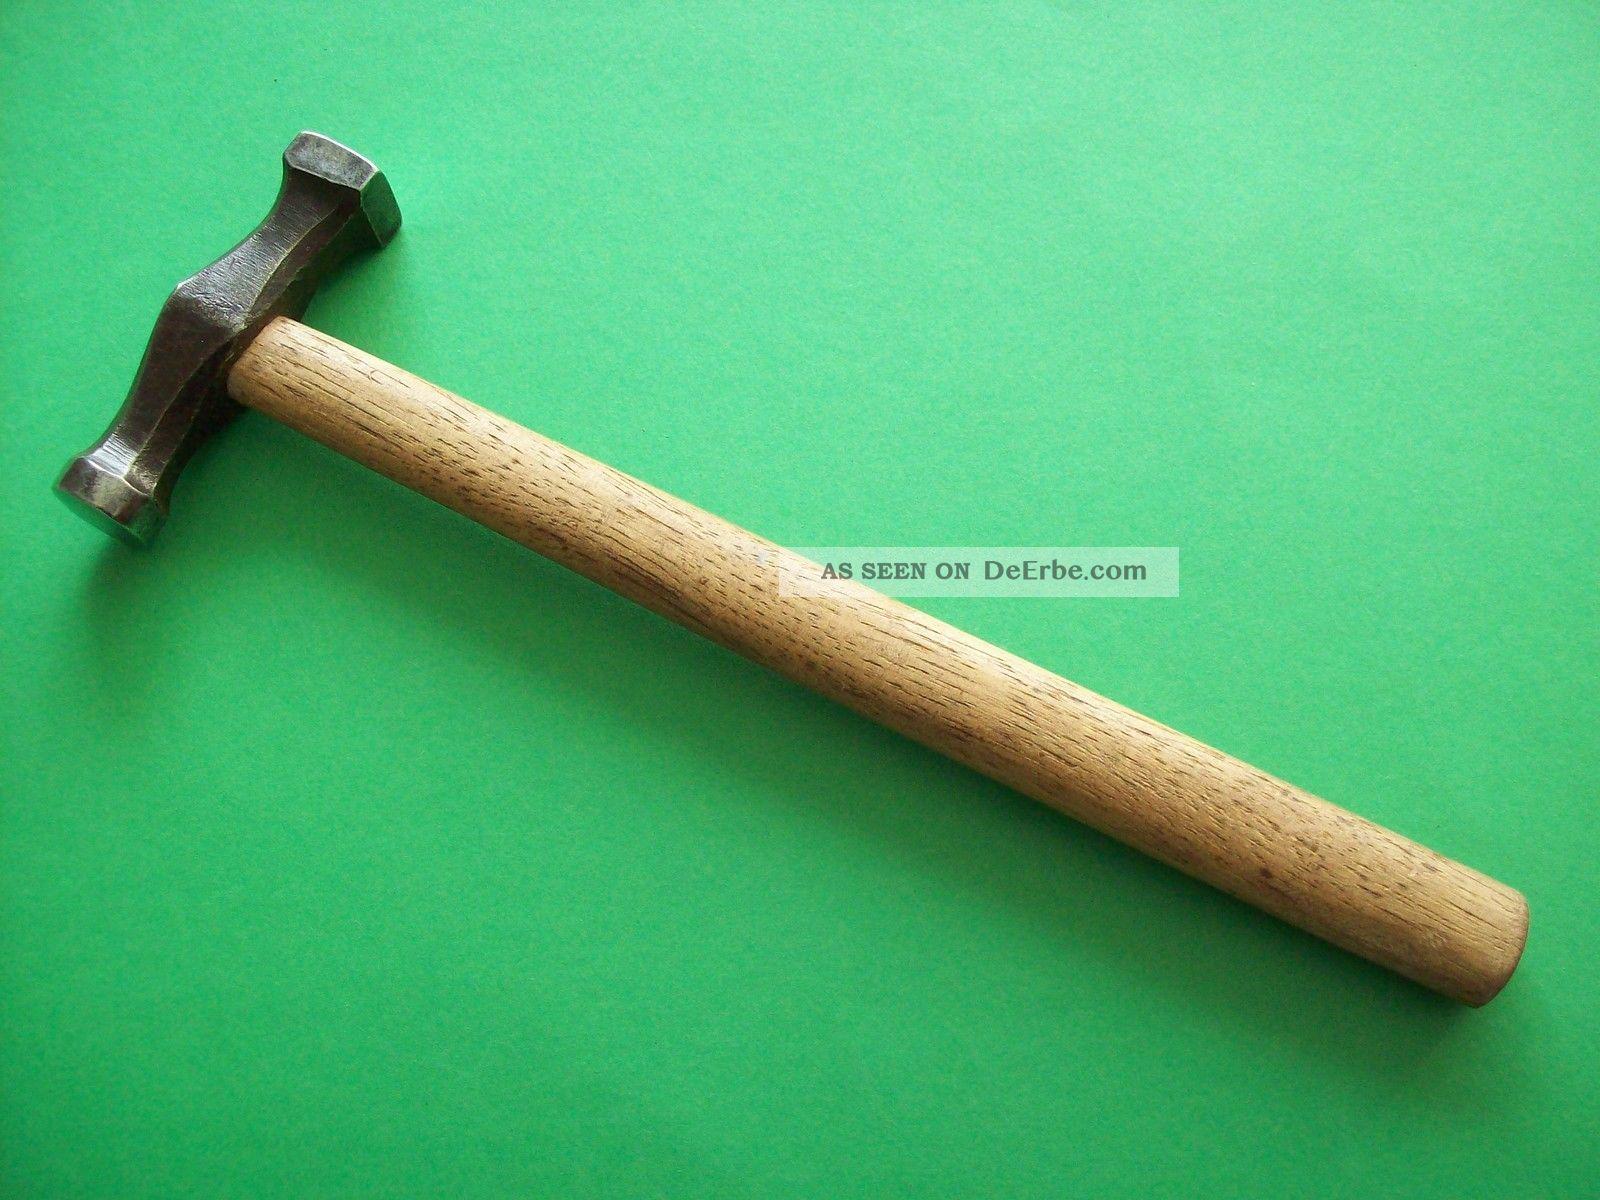 Schlichthammer 300 G Picard - Schmiedehammer Hammer Schmied Schlosser Werkzeug Alte Berufe Bild